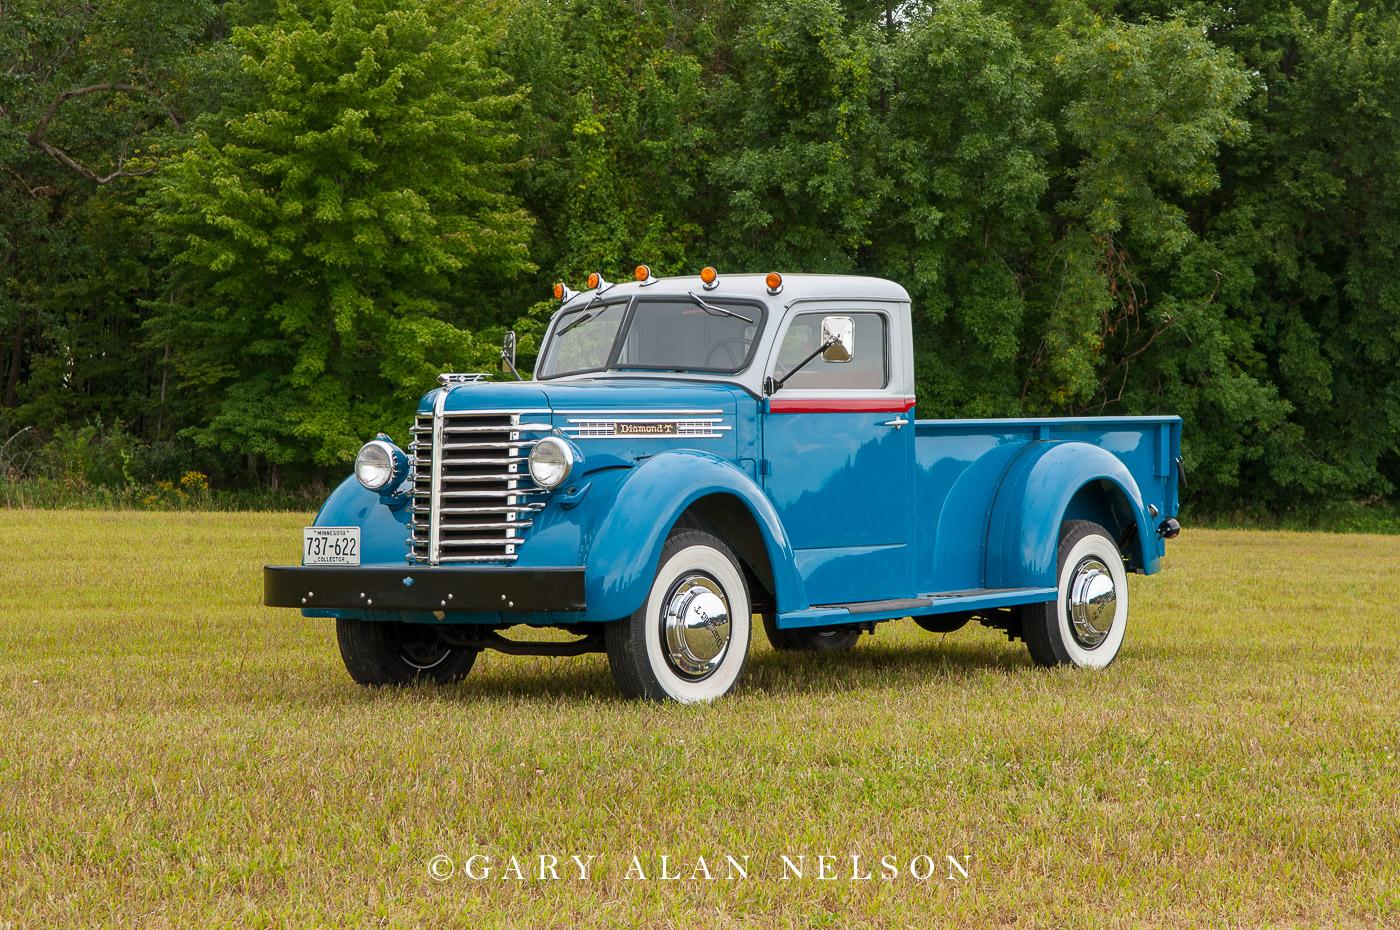 VT-11-96-DT 1947 Diamond T Model 201 Pickup